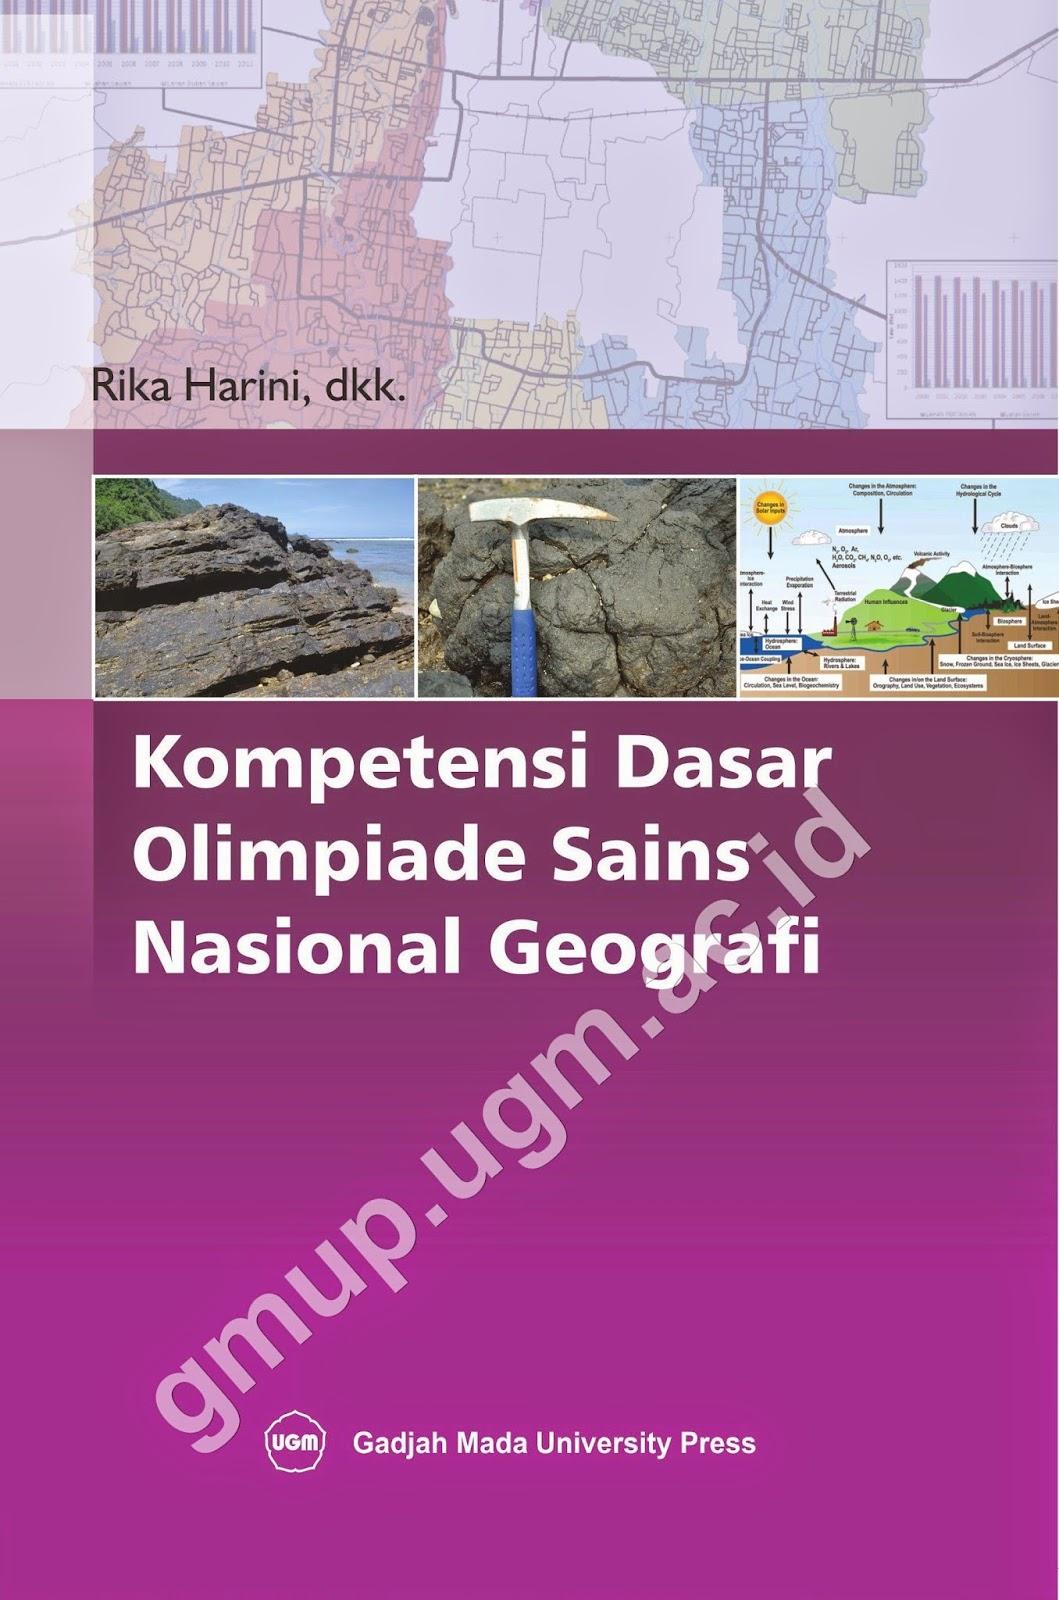 Kompetensi Dasar Olimpiade Sains Nasional Geografi